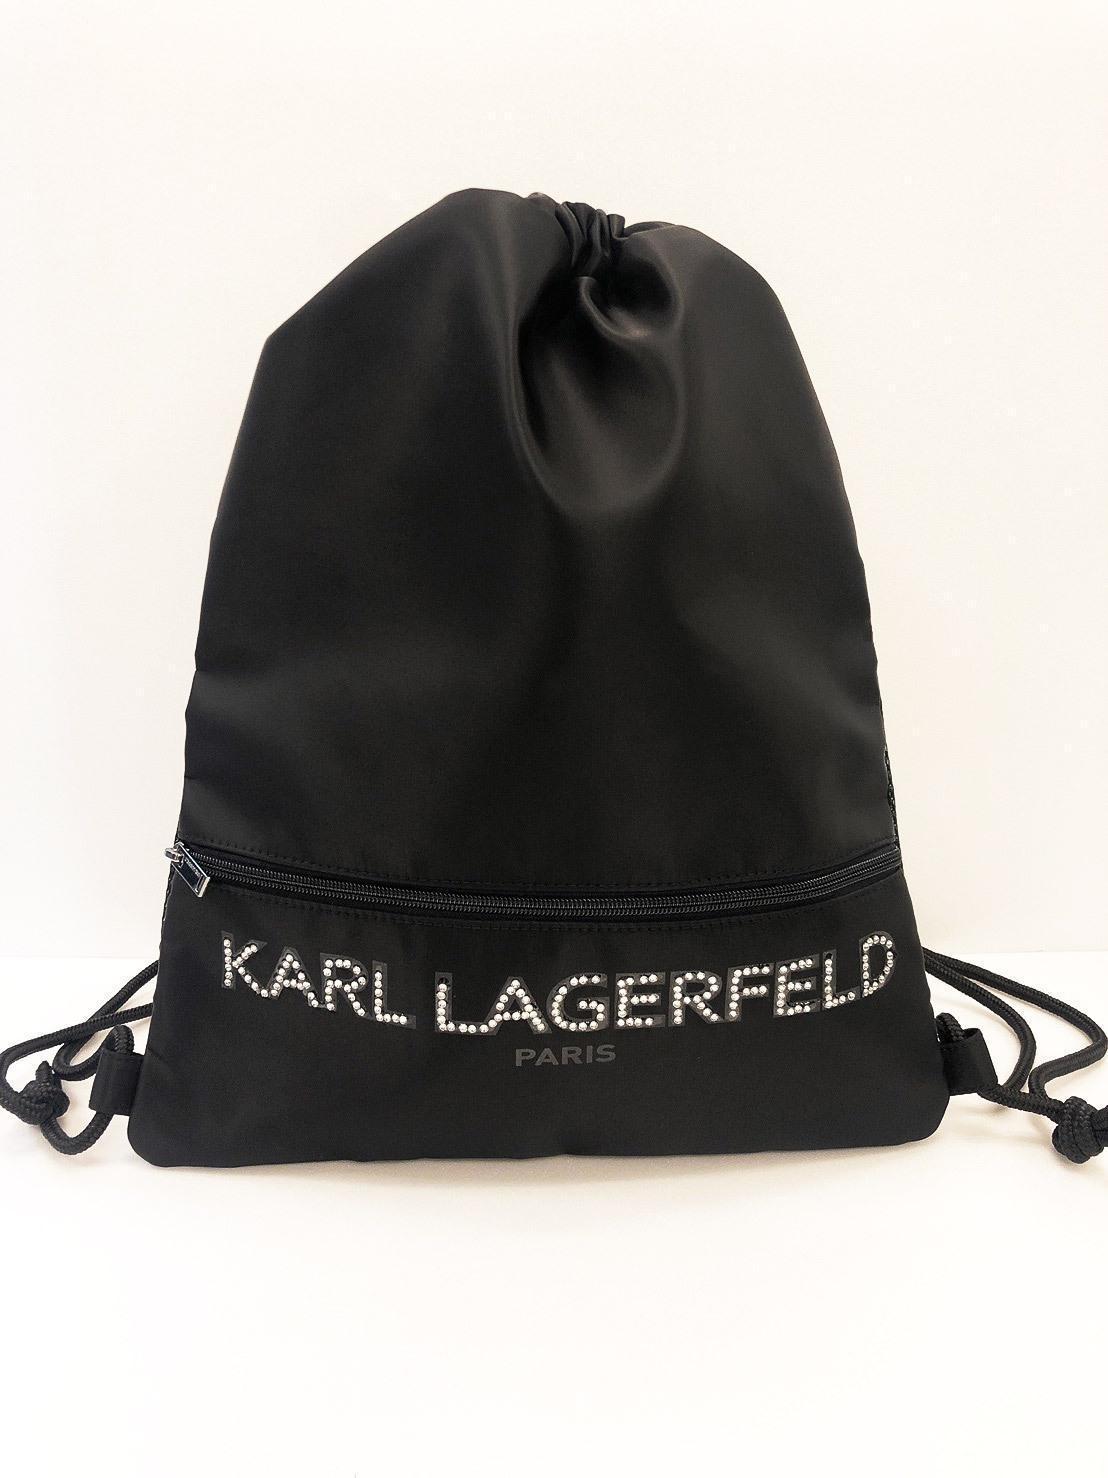 限量20個的亮鑽款KL運動尼龍束口背袋NT$3,280(Weng Collection提供)